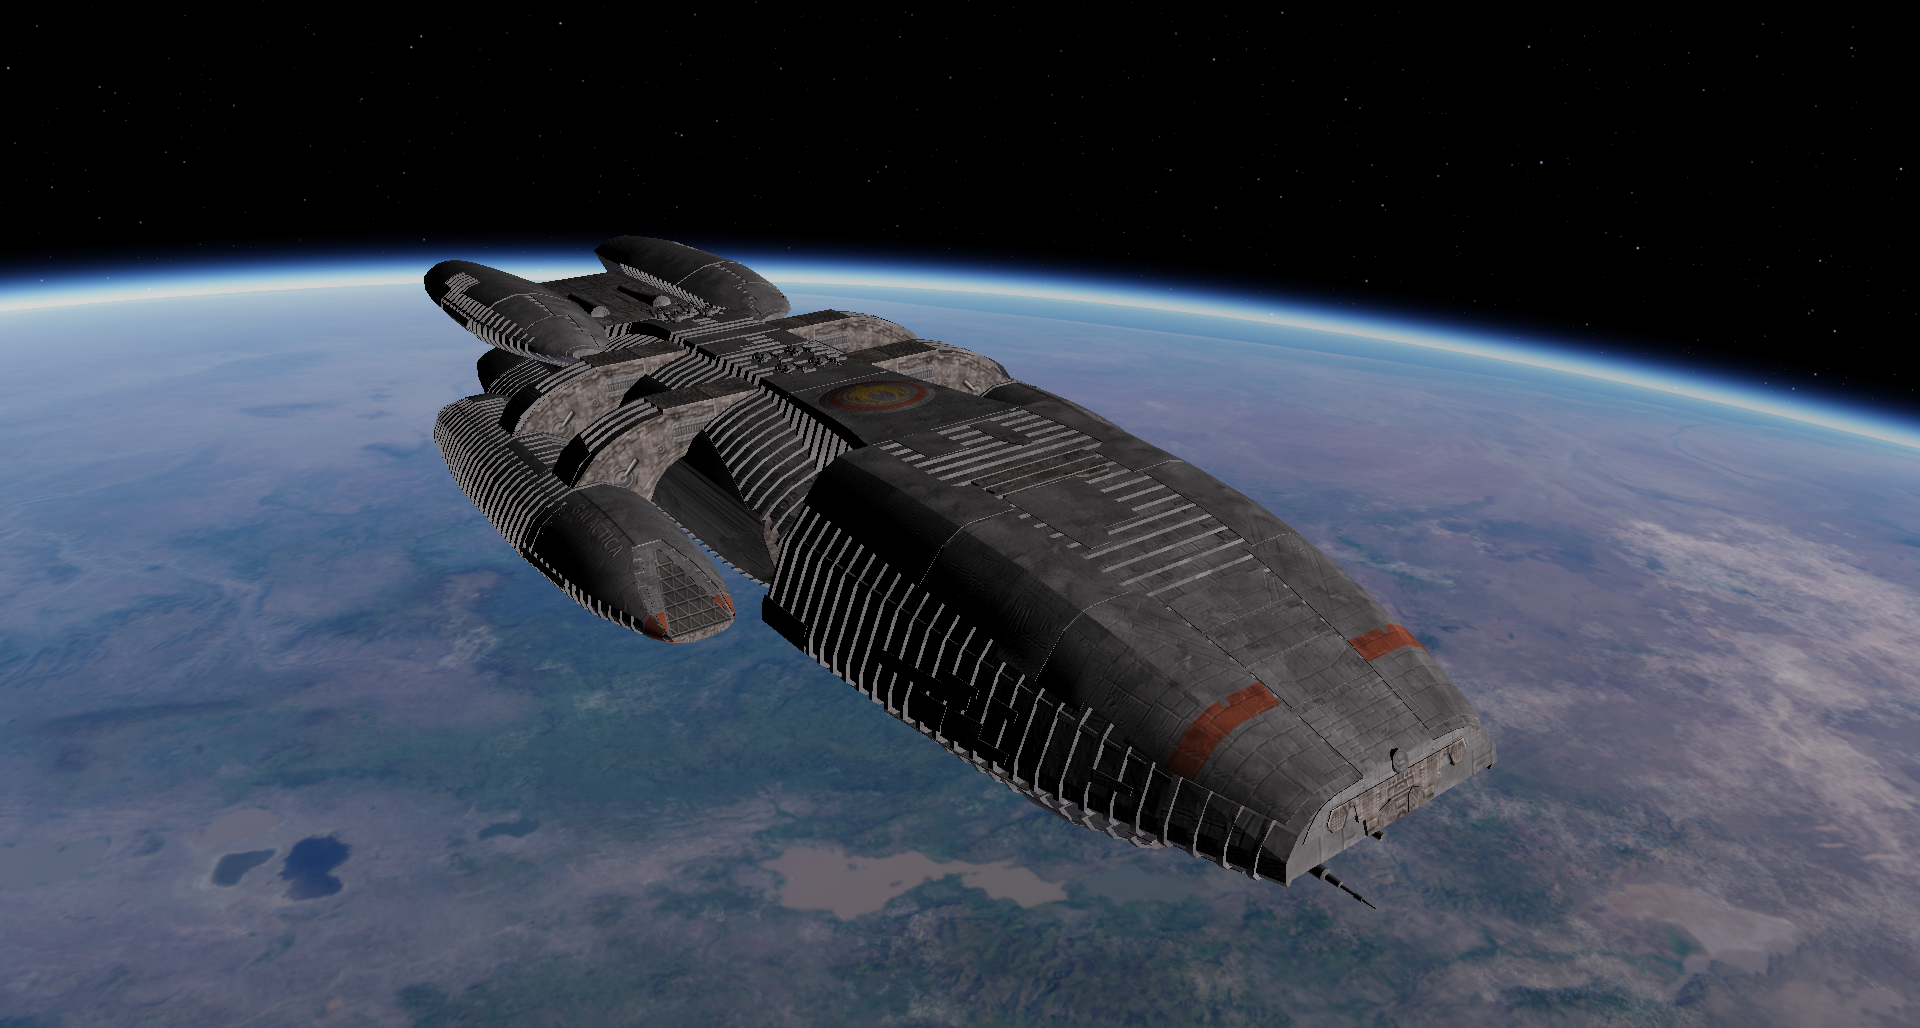 Battlestar Poseidon | Battlestar galactica, Spaceship art  |Battlestar Galactica Spacecraft